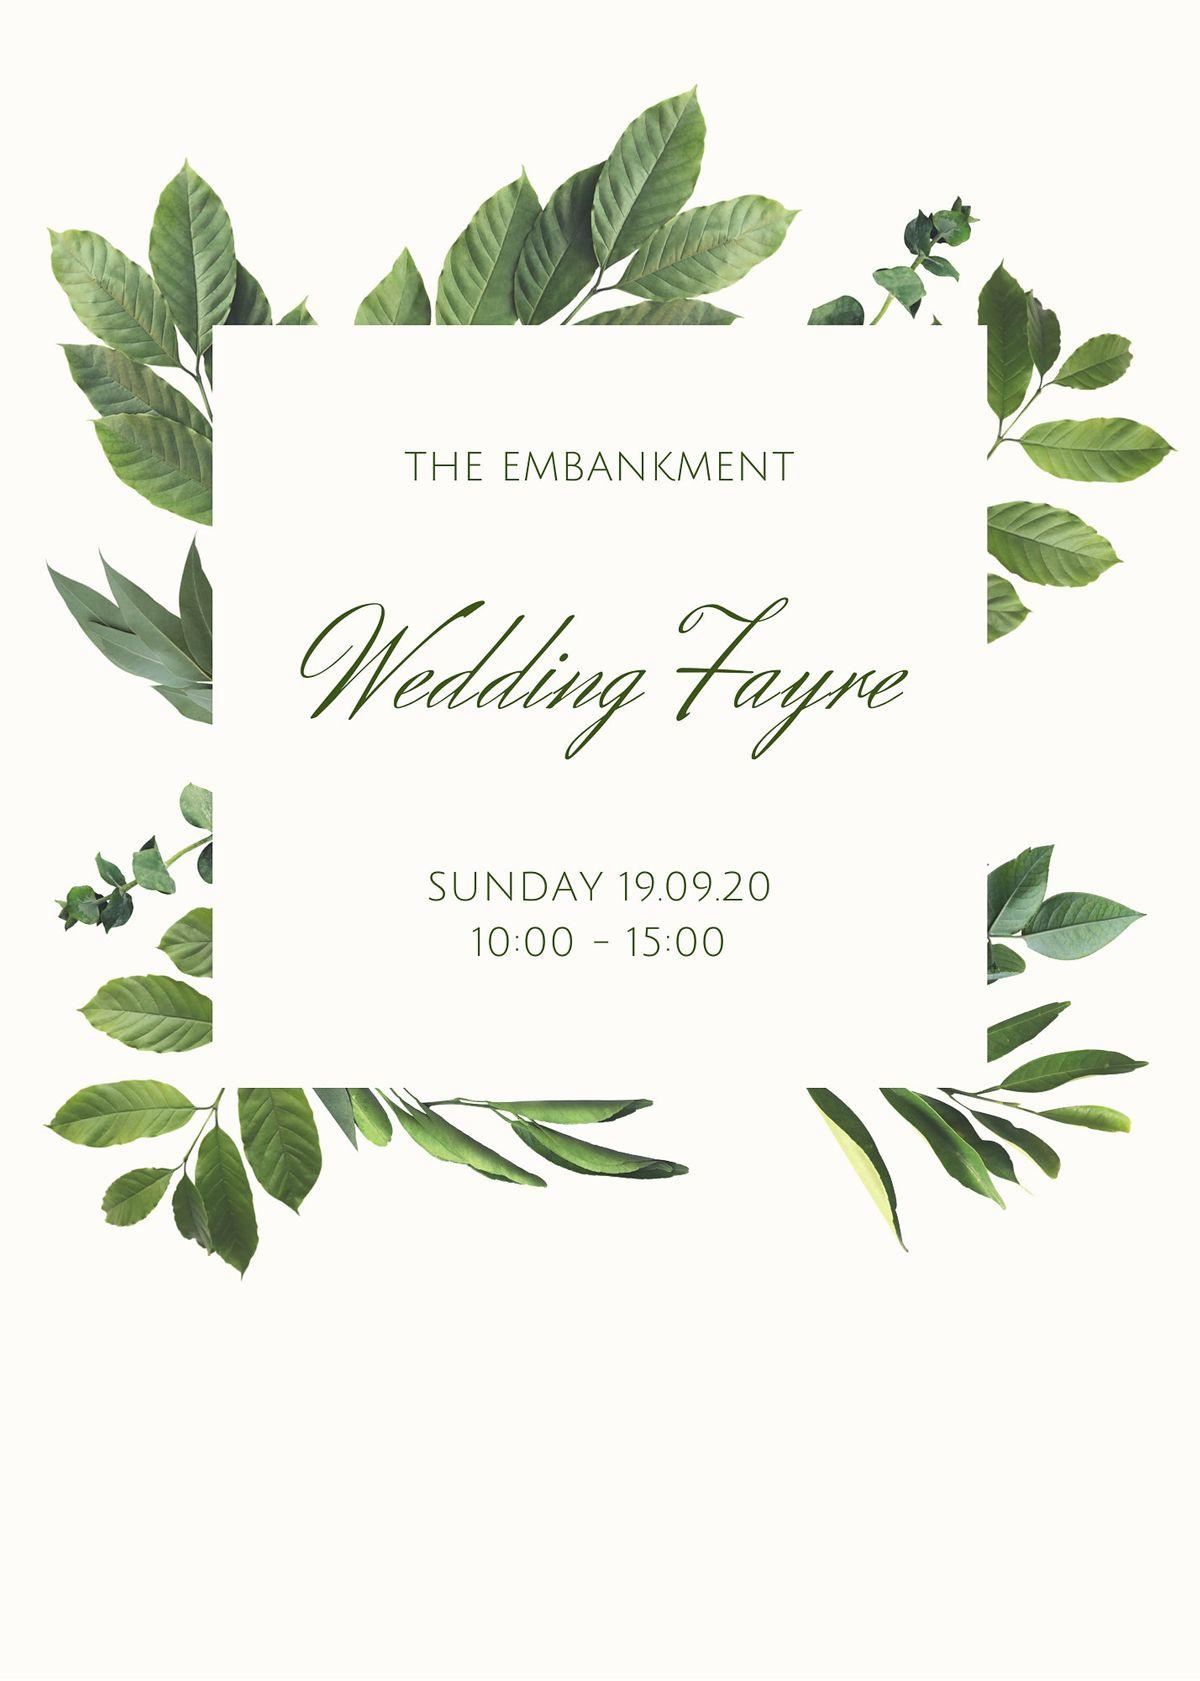 The Embankment September Wedding Fayre